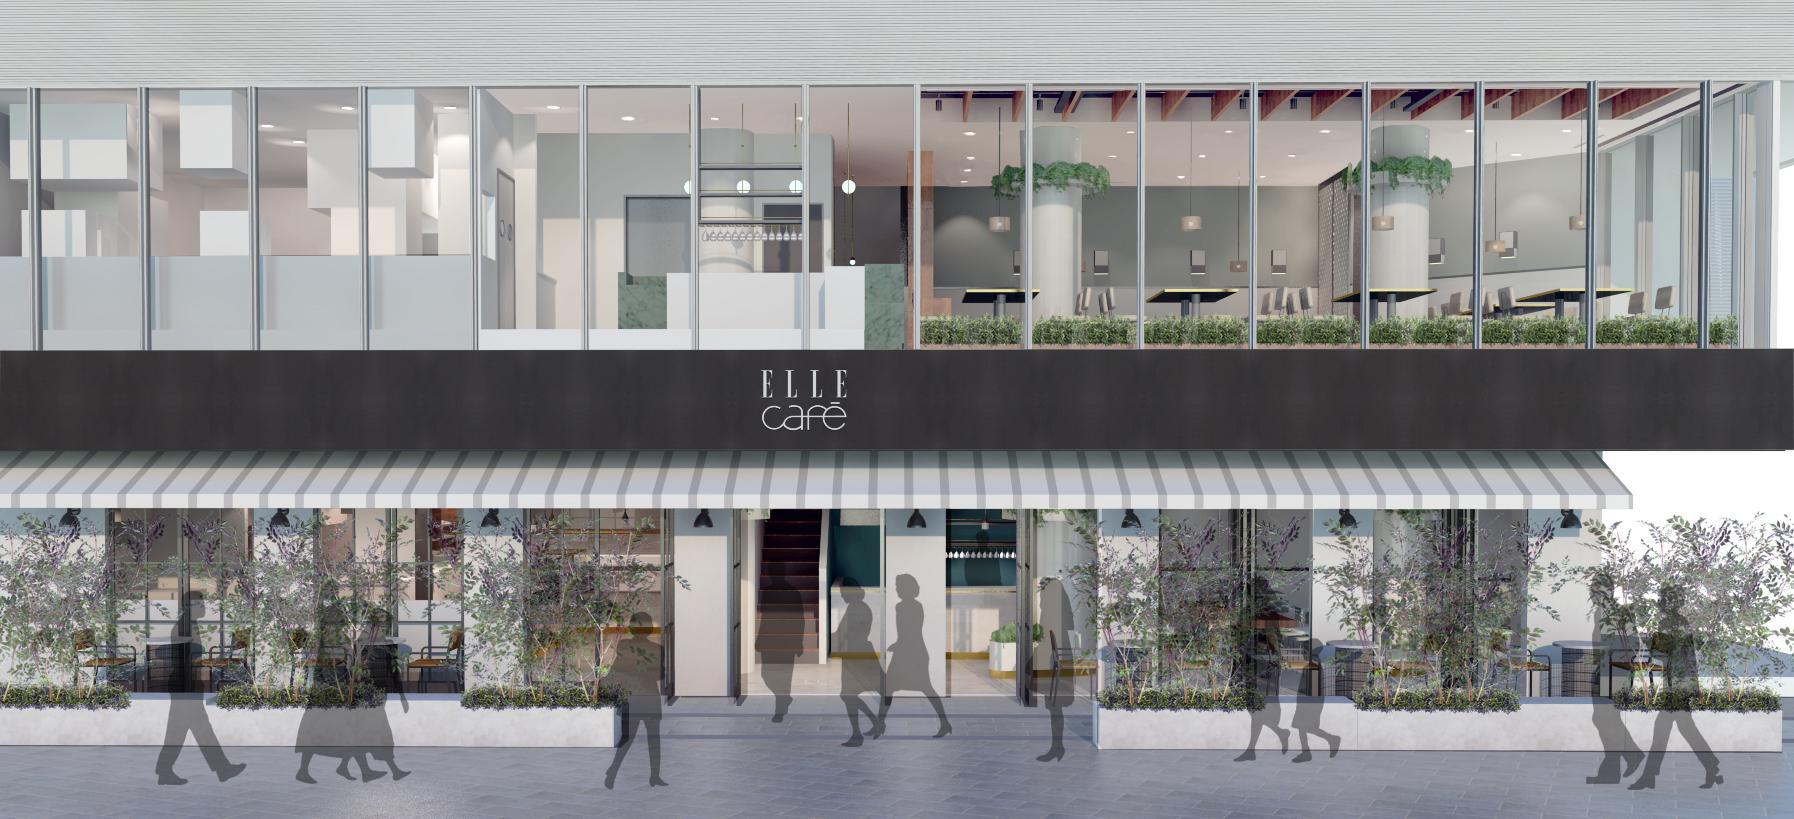 マドンナも愛したシェフのヘルシーグルメ登場!ELLE caféが旗艦店「ELLE café Aoyama」をオープン!